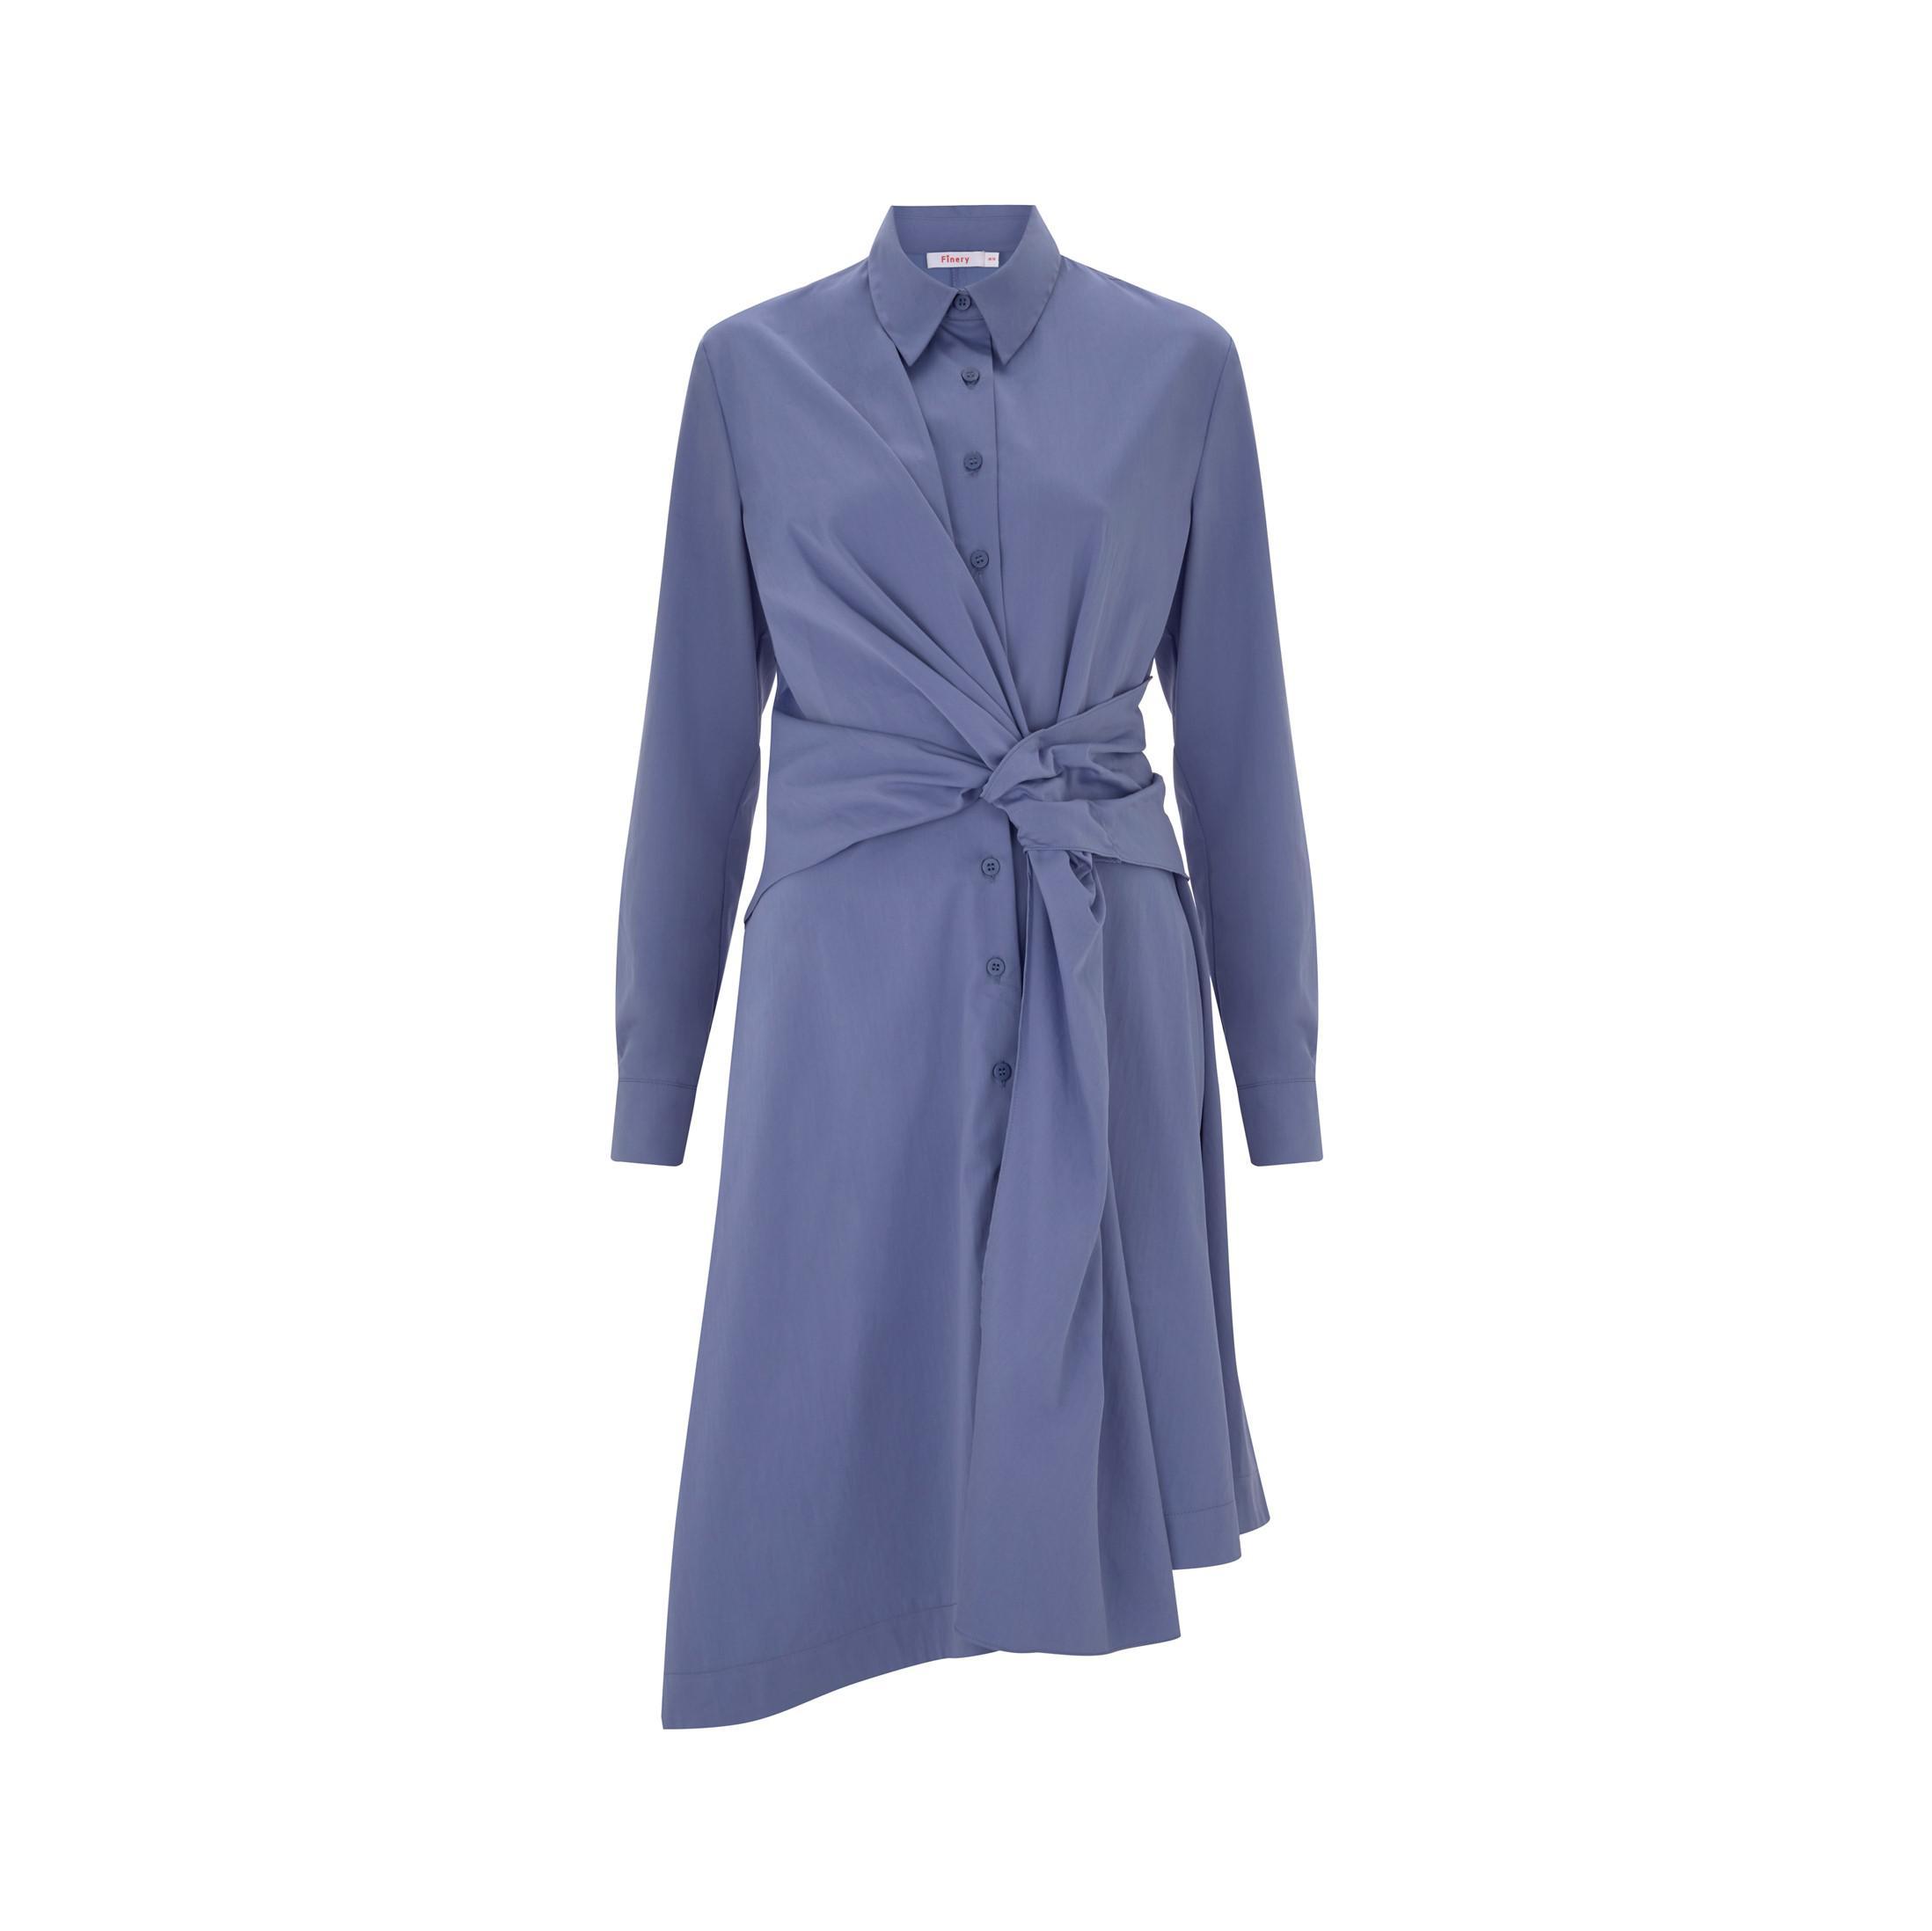 Lyst Dress In London Dulwich Blue Finery OkXiuPZT